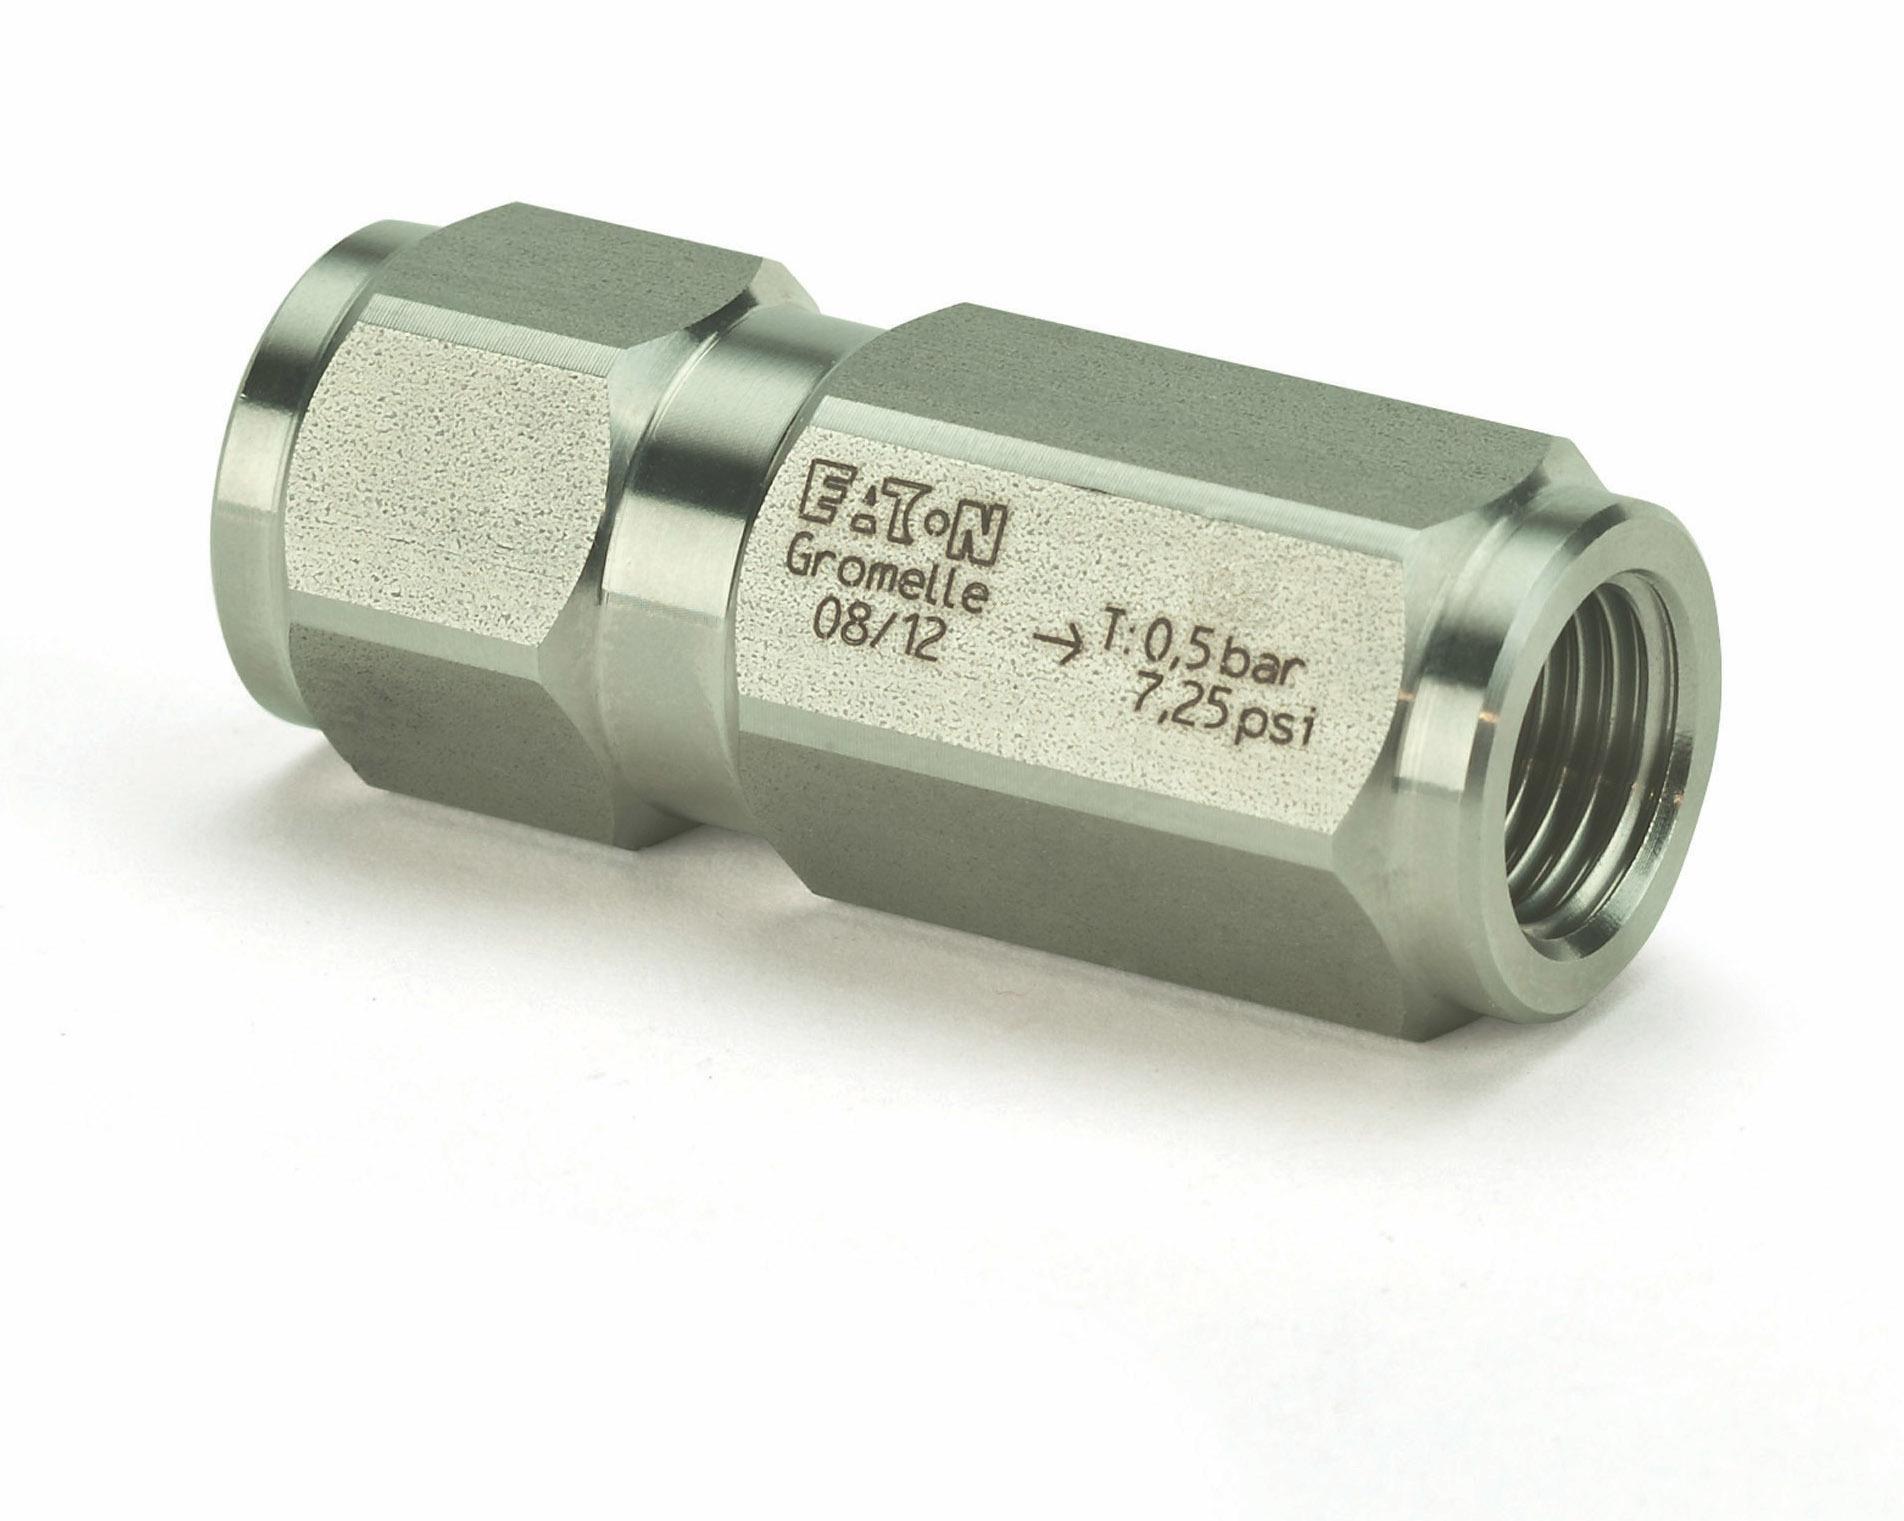 Gromelle R4000 series non-return valves (in-line check valves)